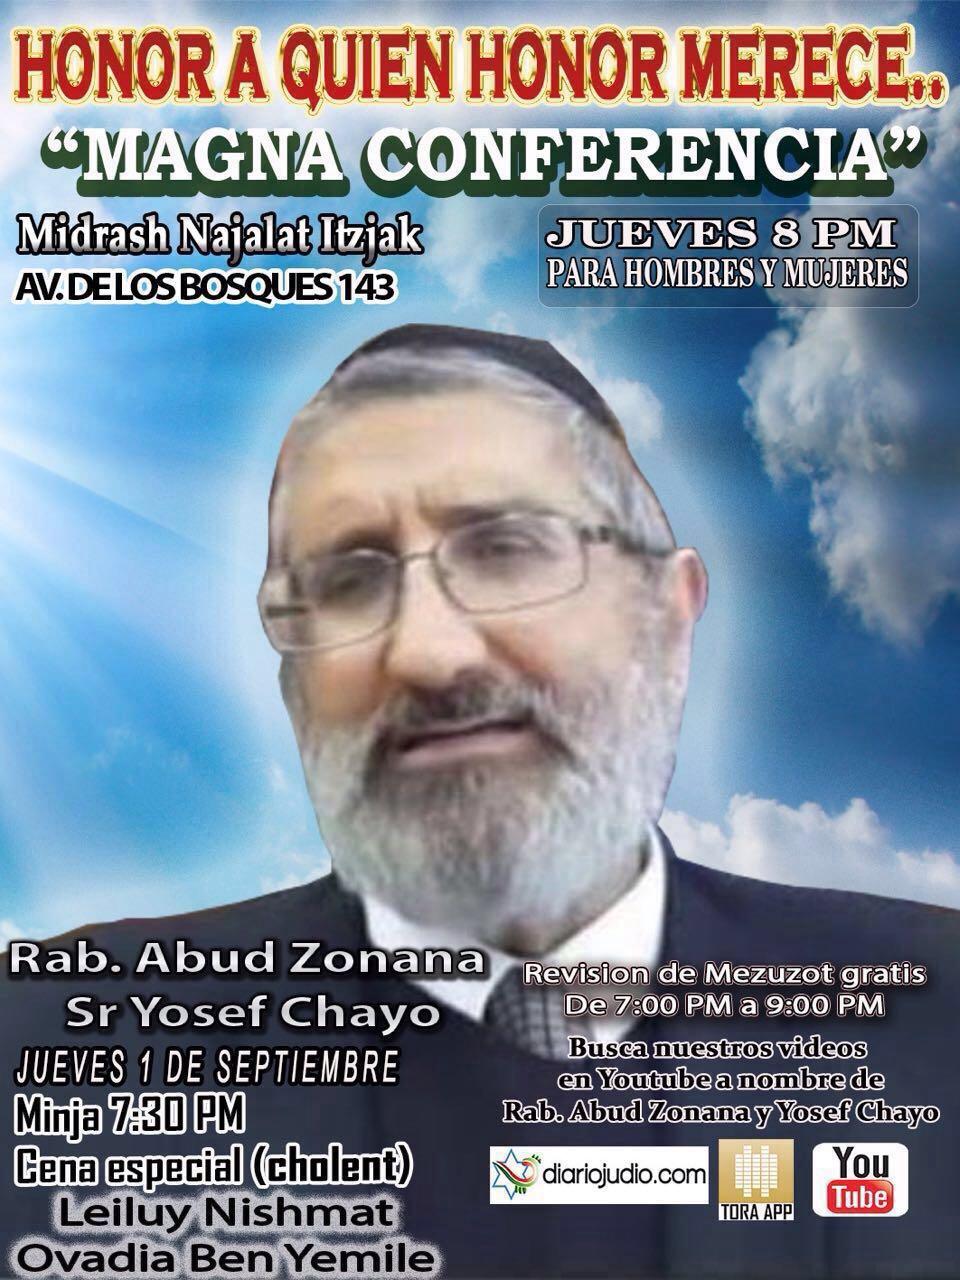 Honor a quien Honor Merece en Homenaje a Jajam Fito Maya Rab Abud Zonana y Yosef Chayo